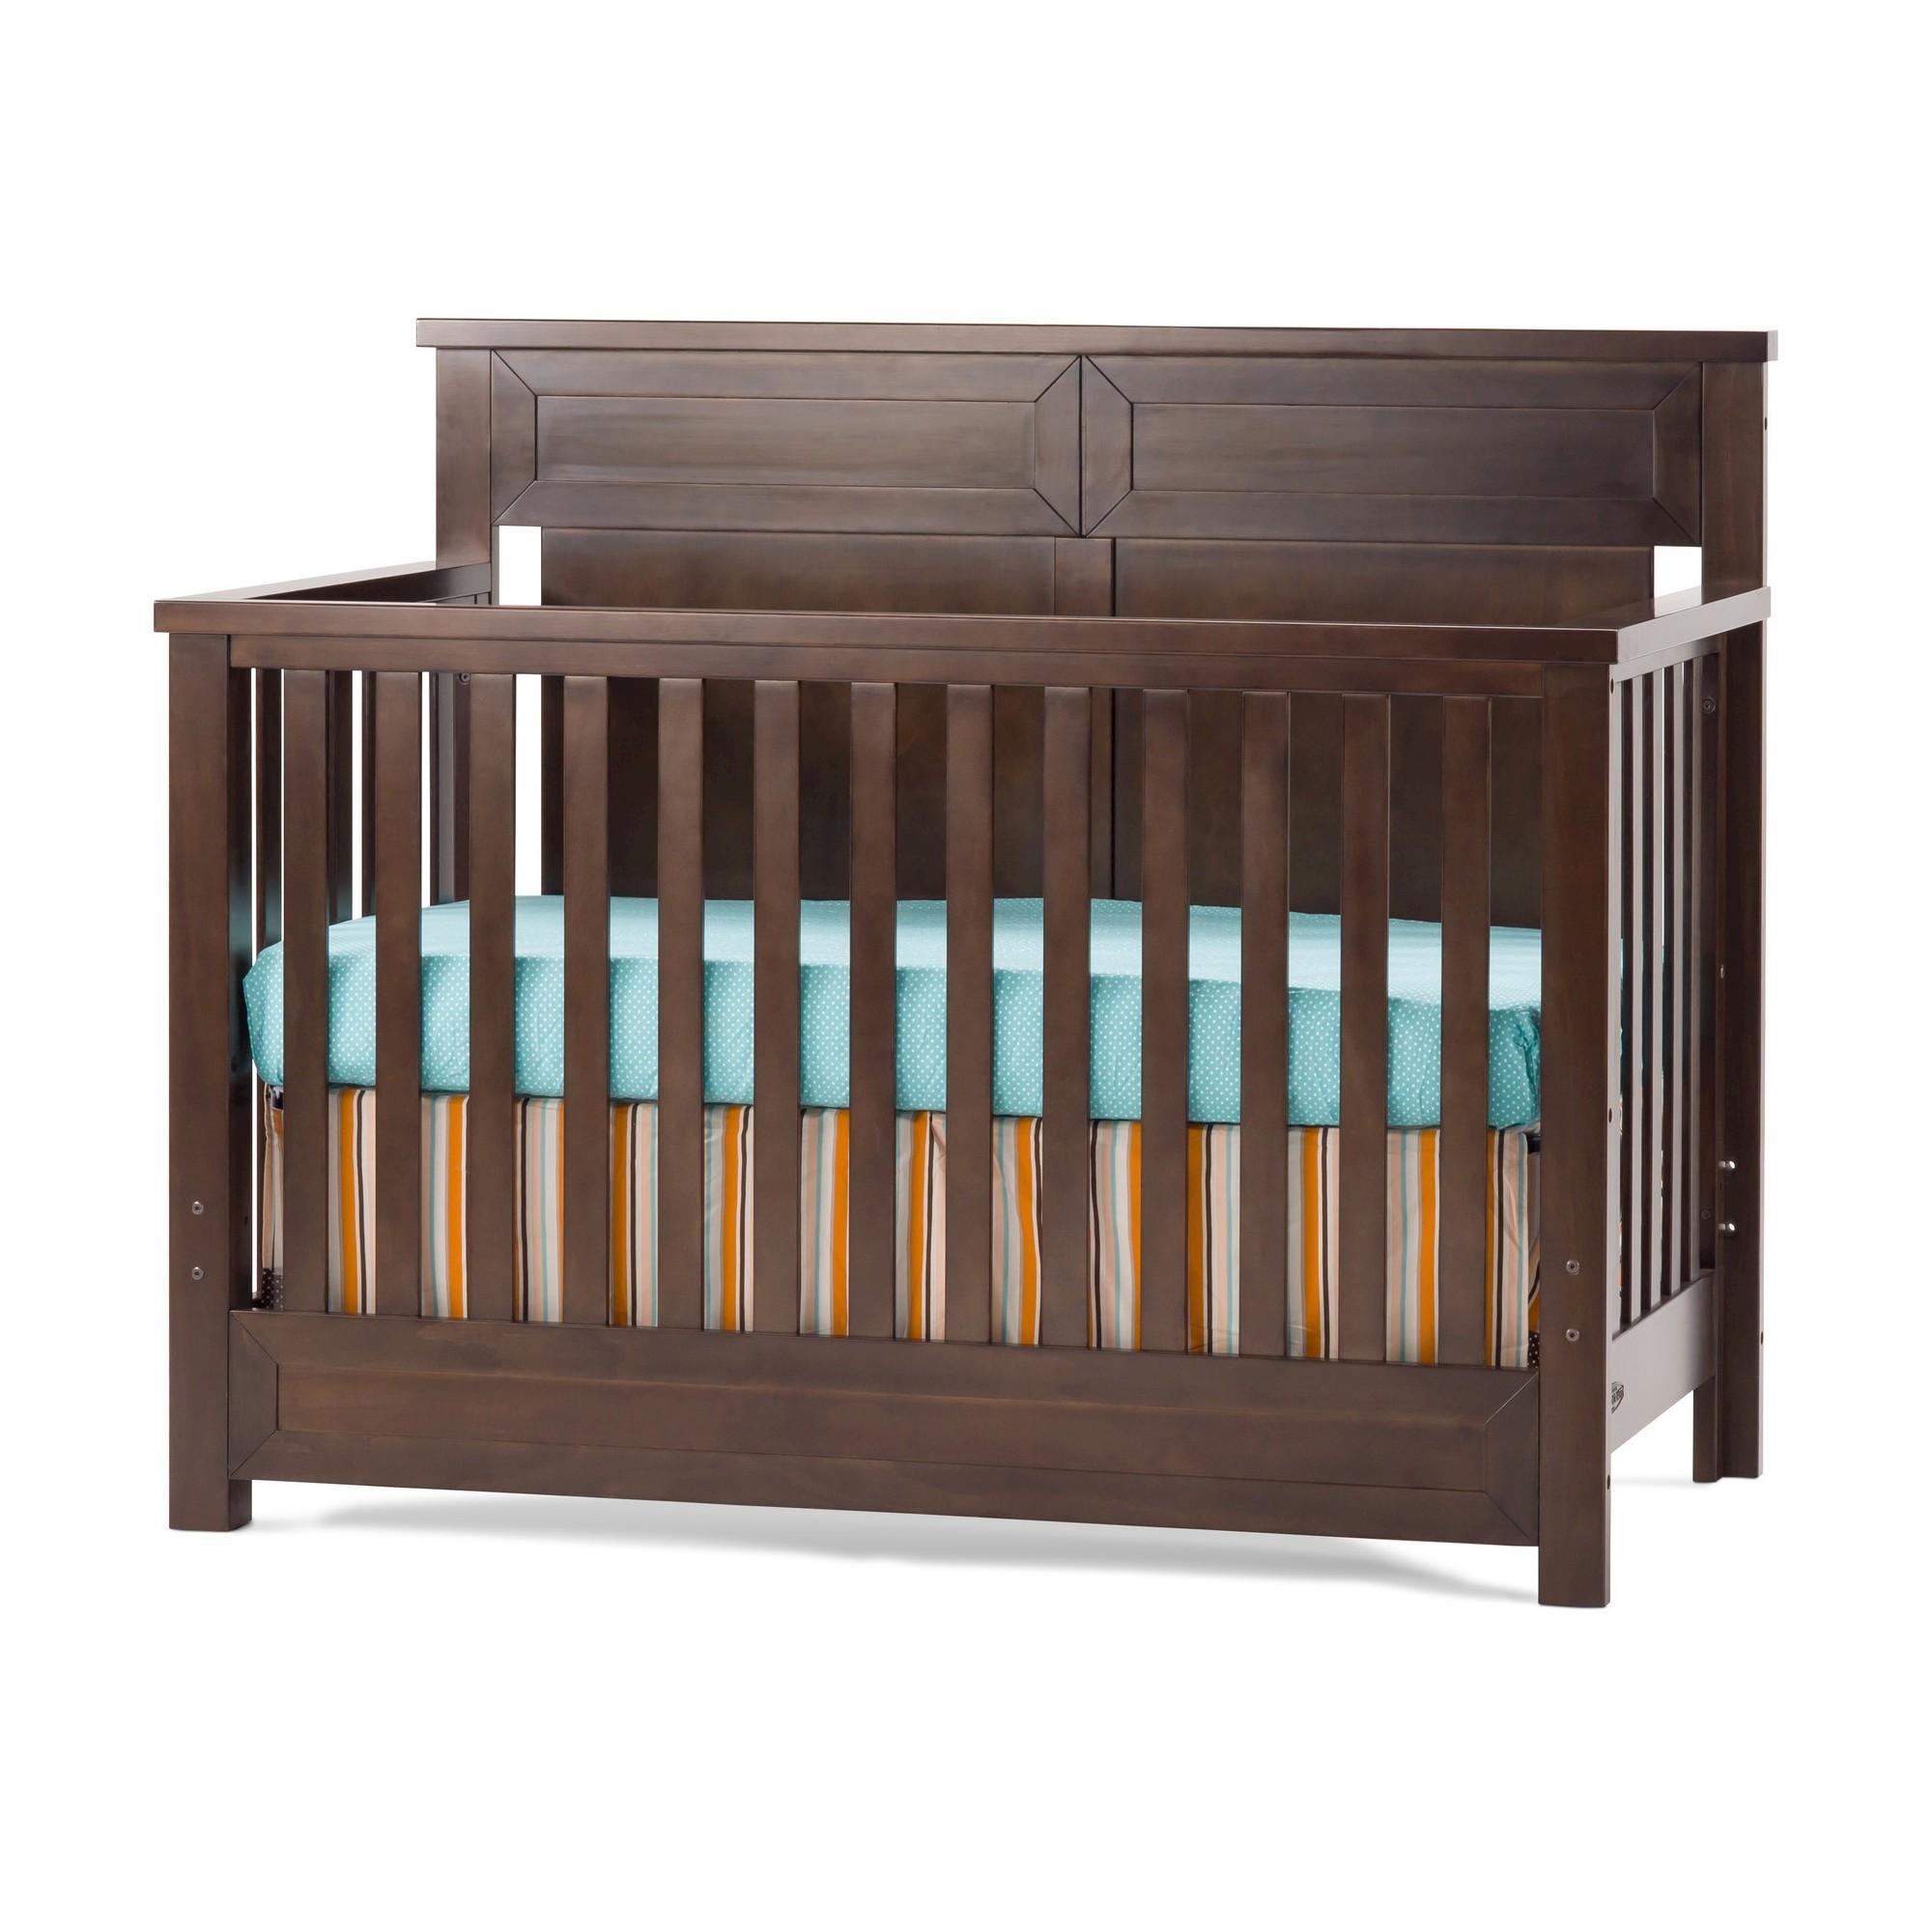 29++ Child craft crib 4 in 1 information